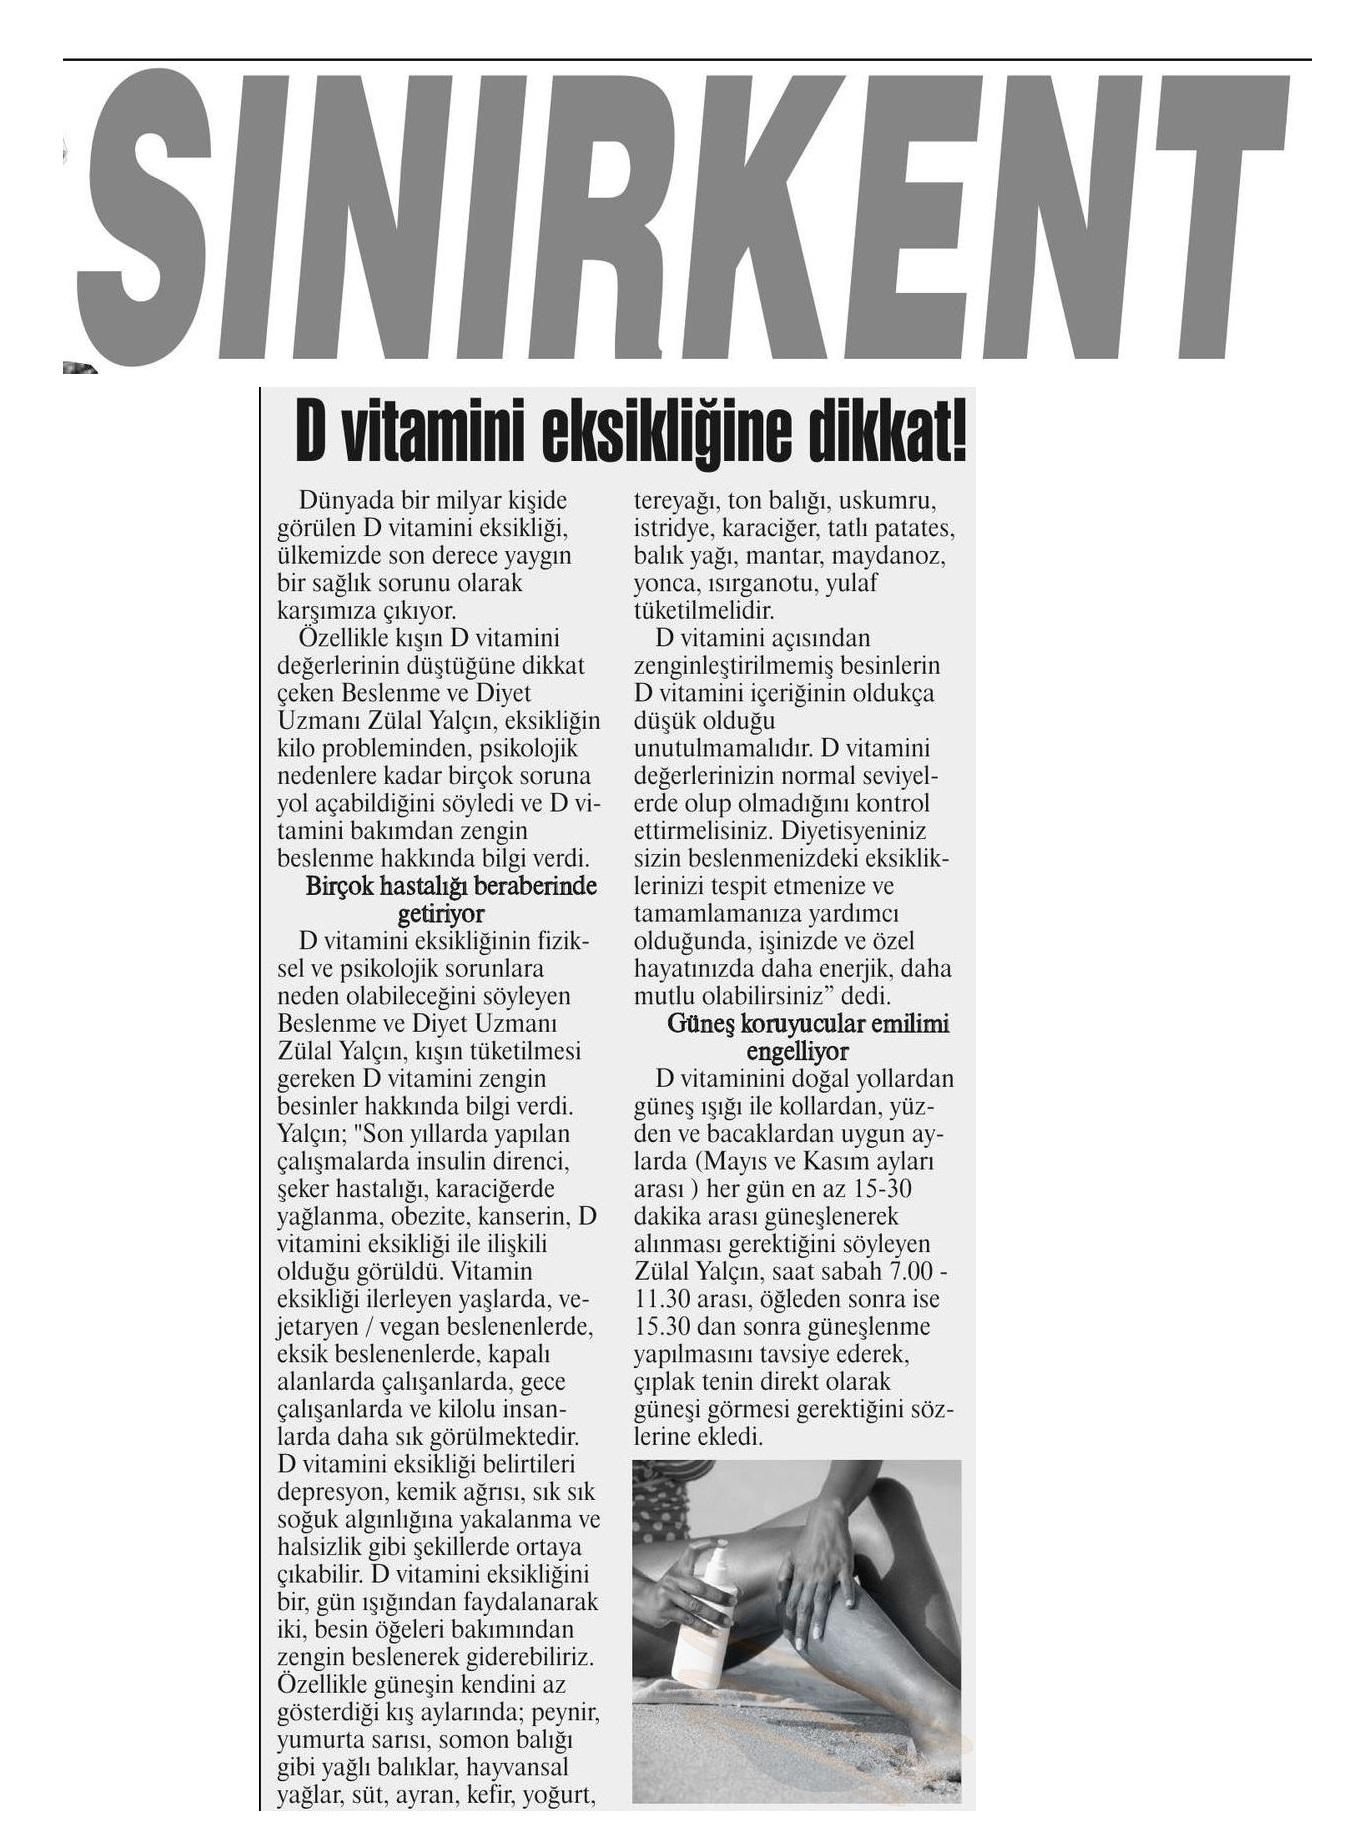 Sınırkent Gazetesi